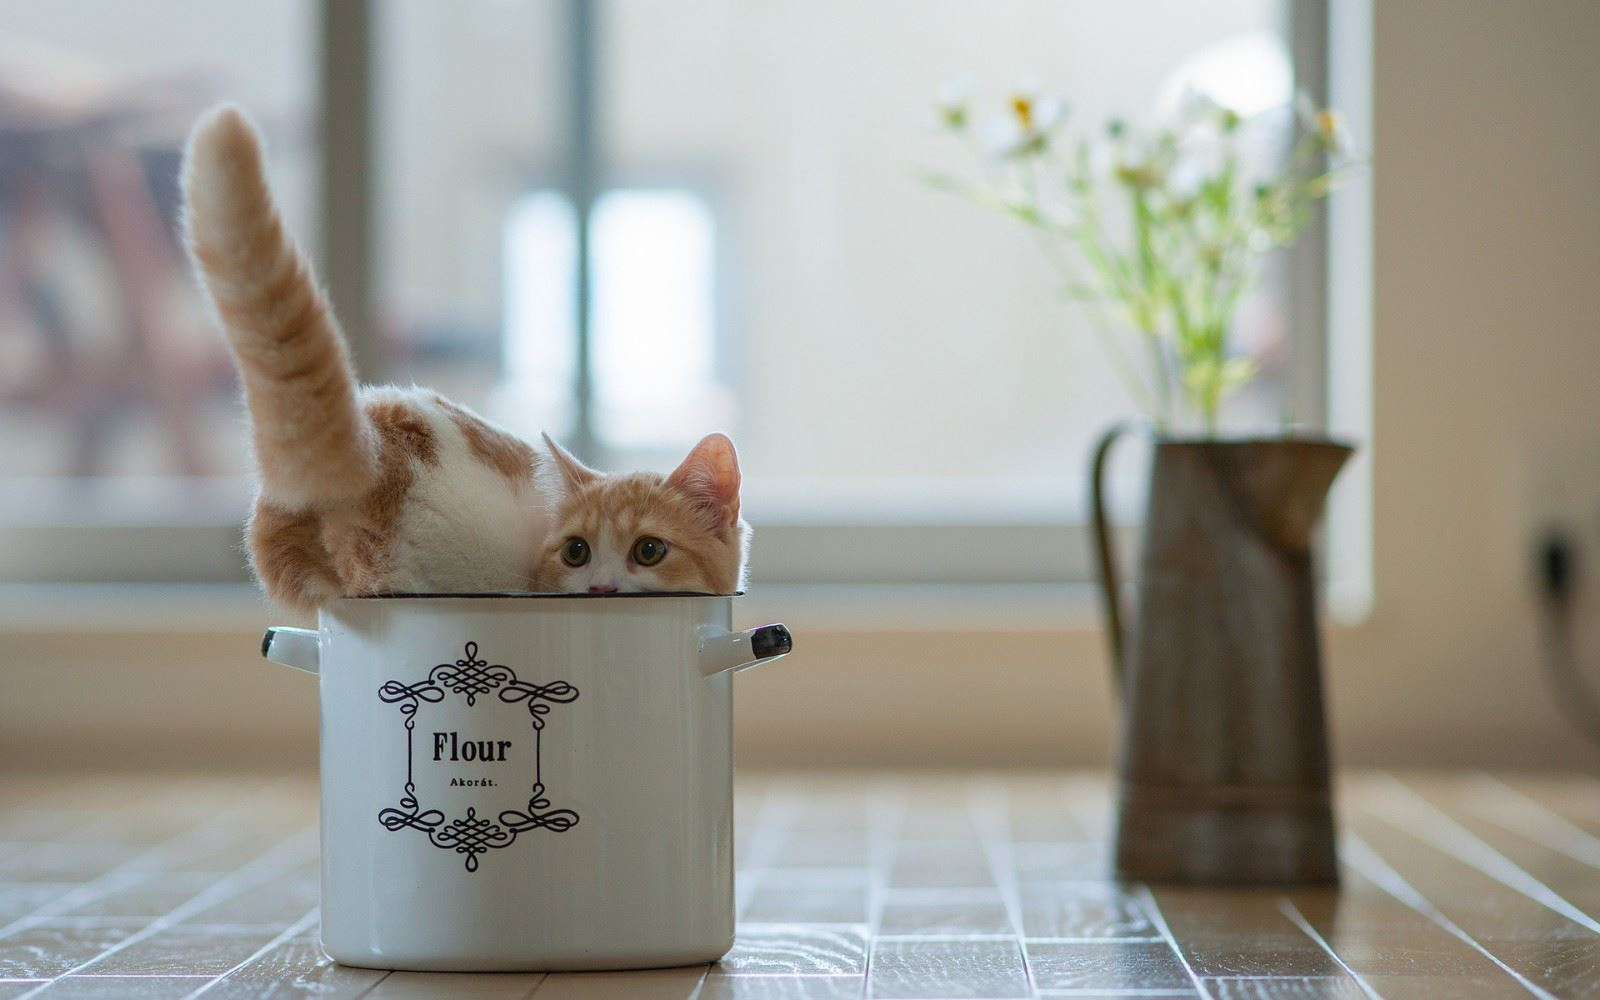 单品咖啡逸美时光意境图片